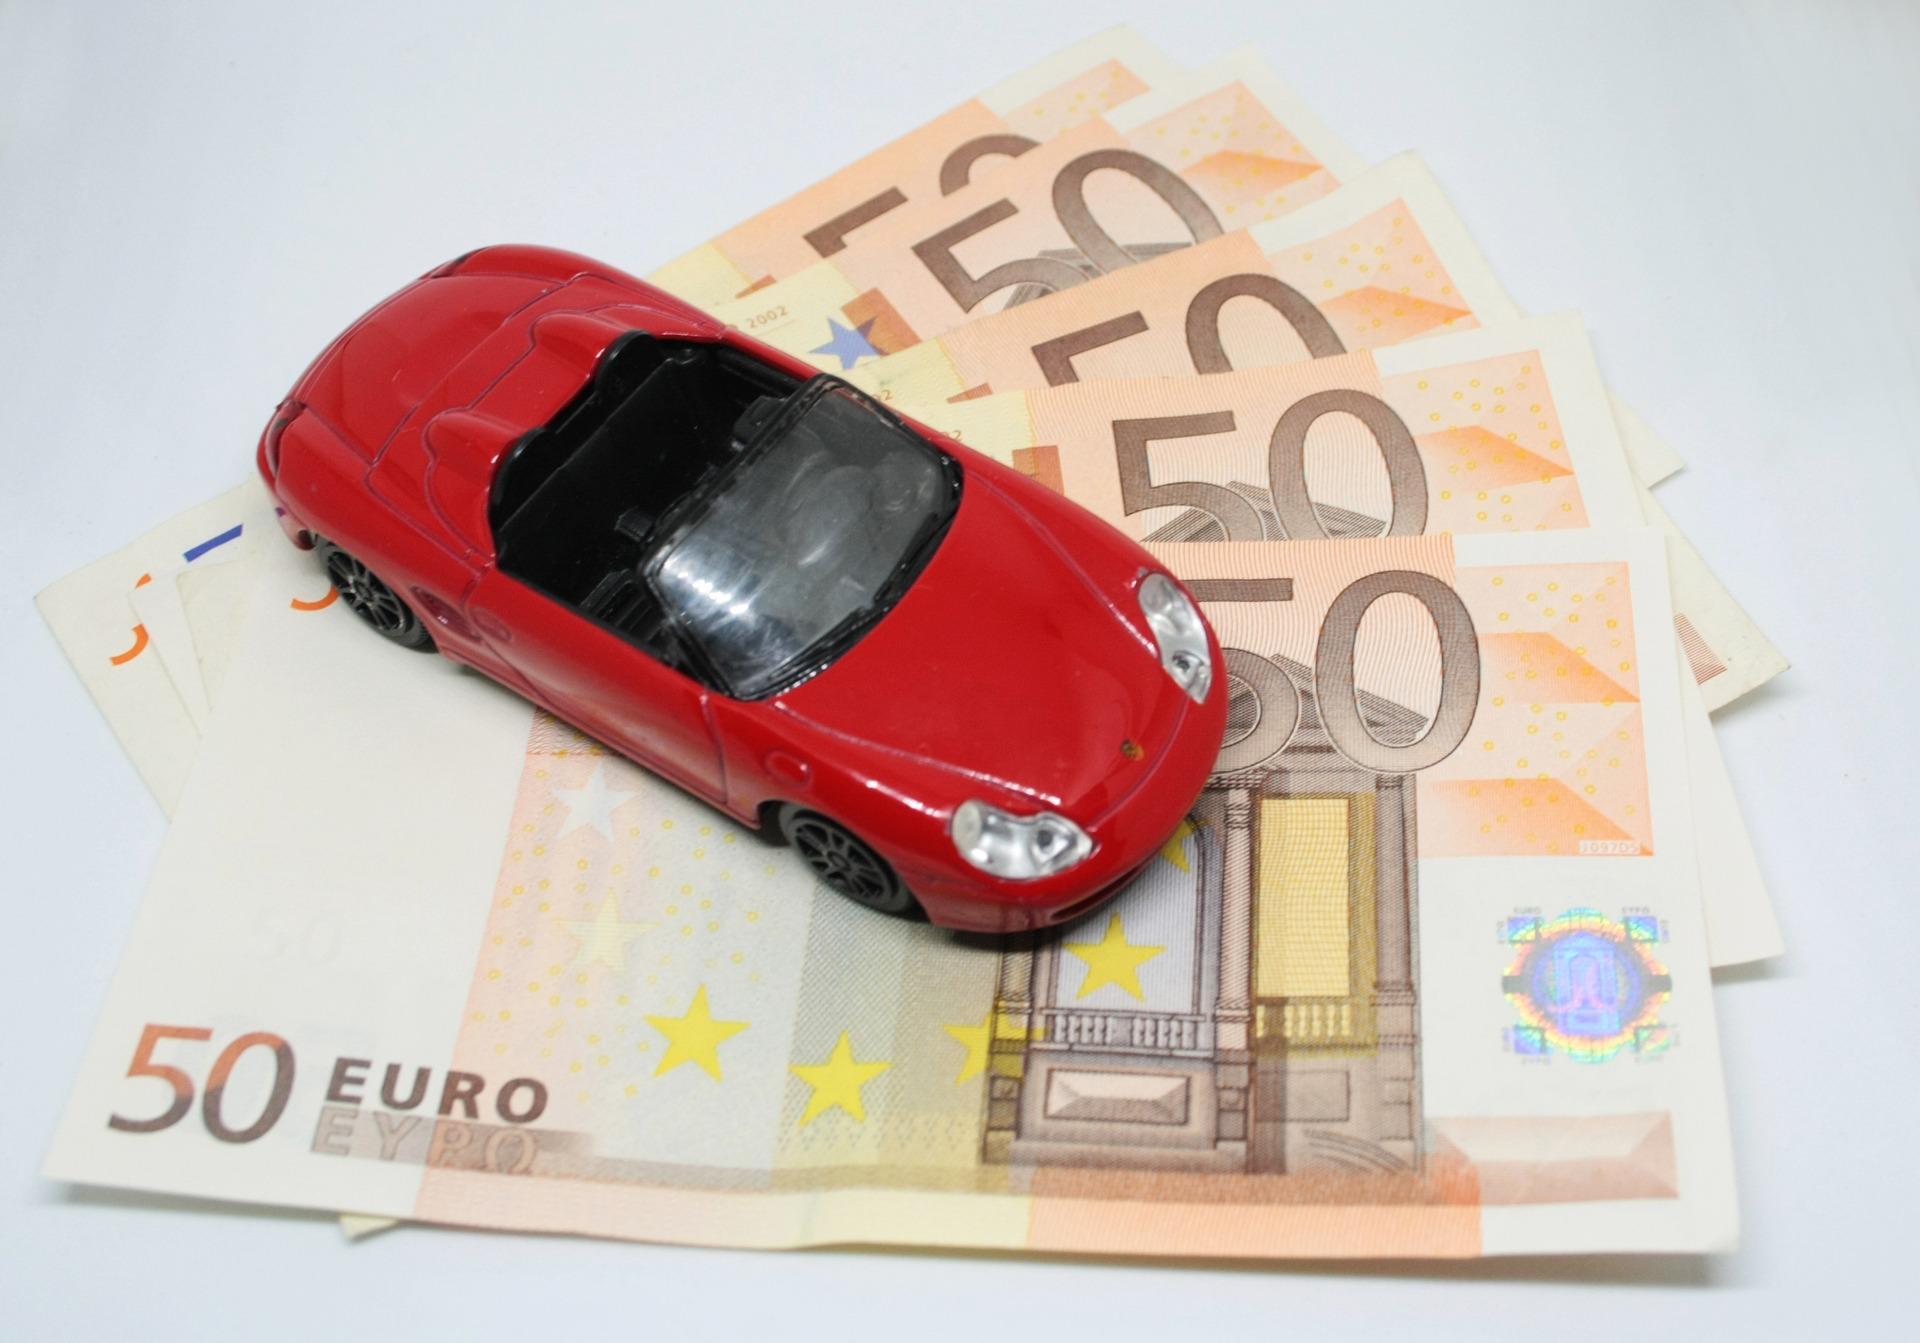 Najlepsze sposoby na znalezienie taniego ubezpieczenia samochodu